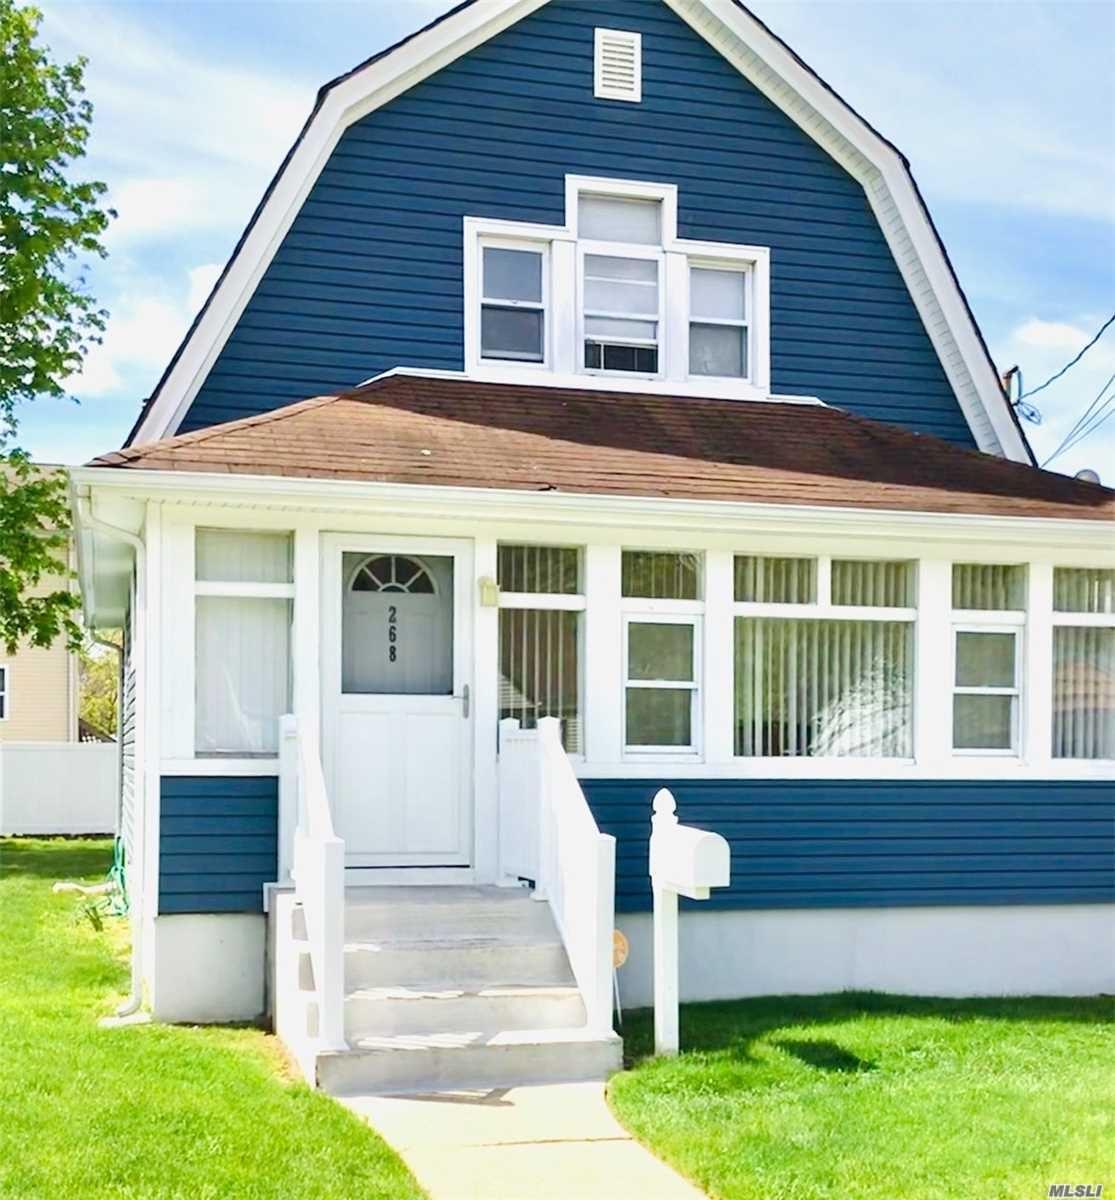 268 E Clinton Ave, Roosevelt, NY 11575 - MLS#: 3215802